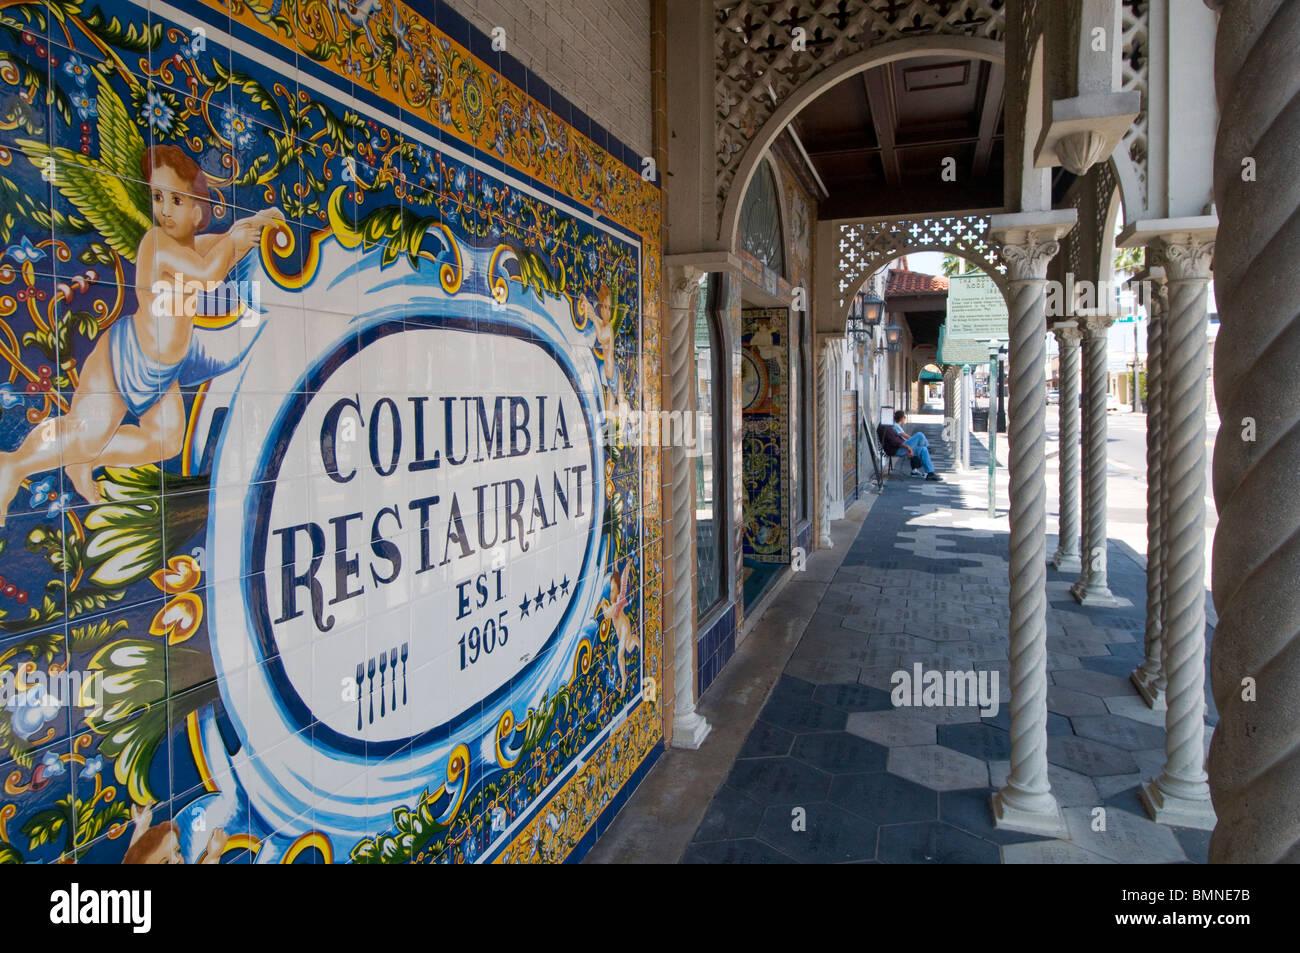 Columbia Restaurant In Ybor City Menu